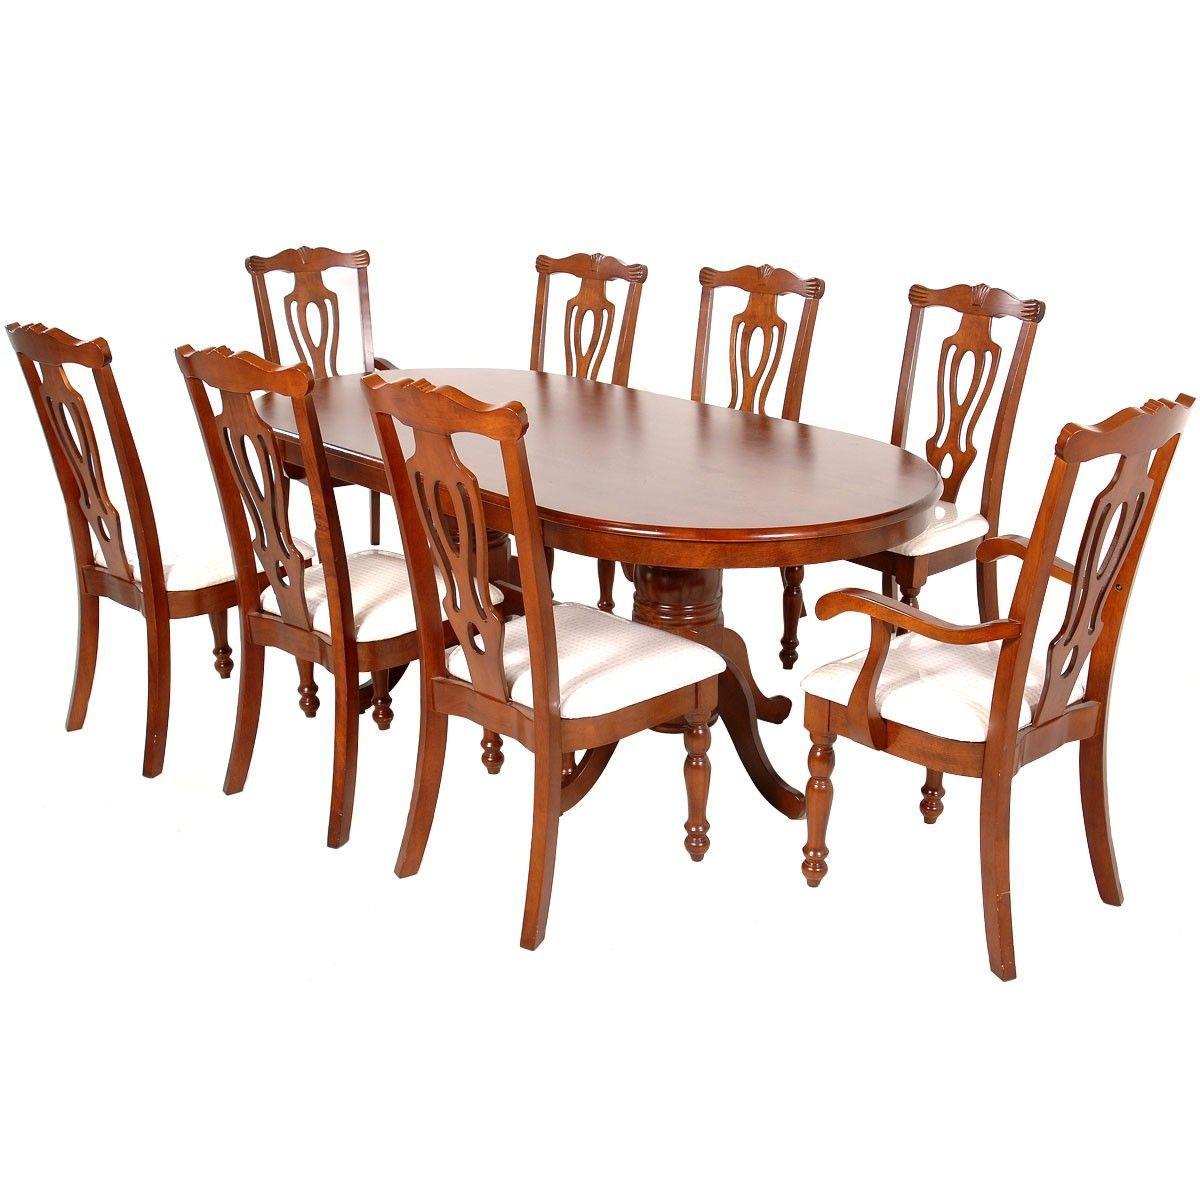 Commodity juego de comedor zoysia 8 sillas sillas for Mesas y sillas de comedor economicas